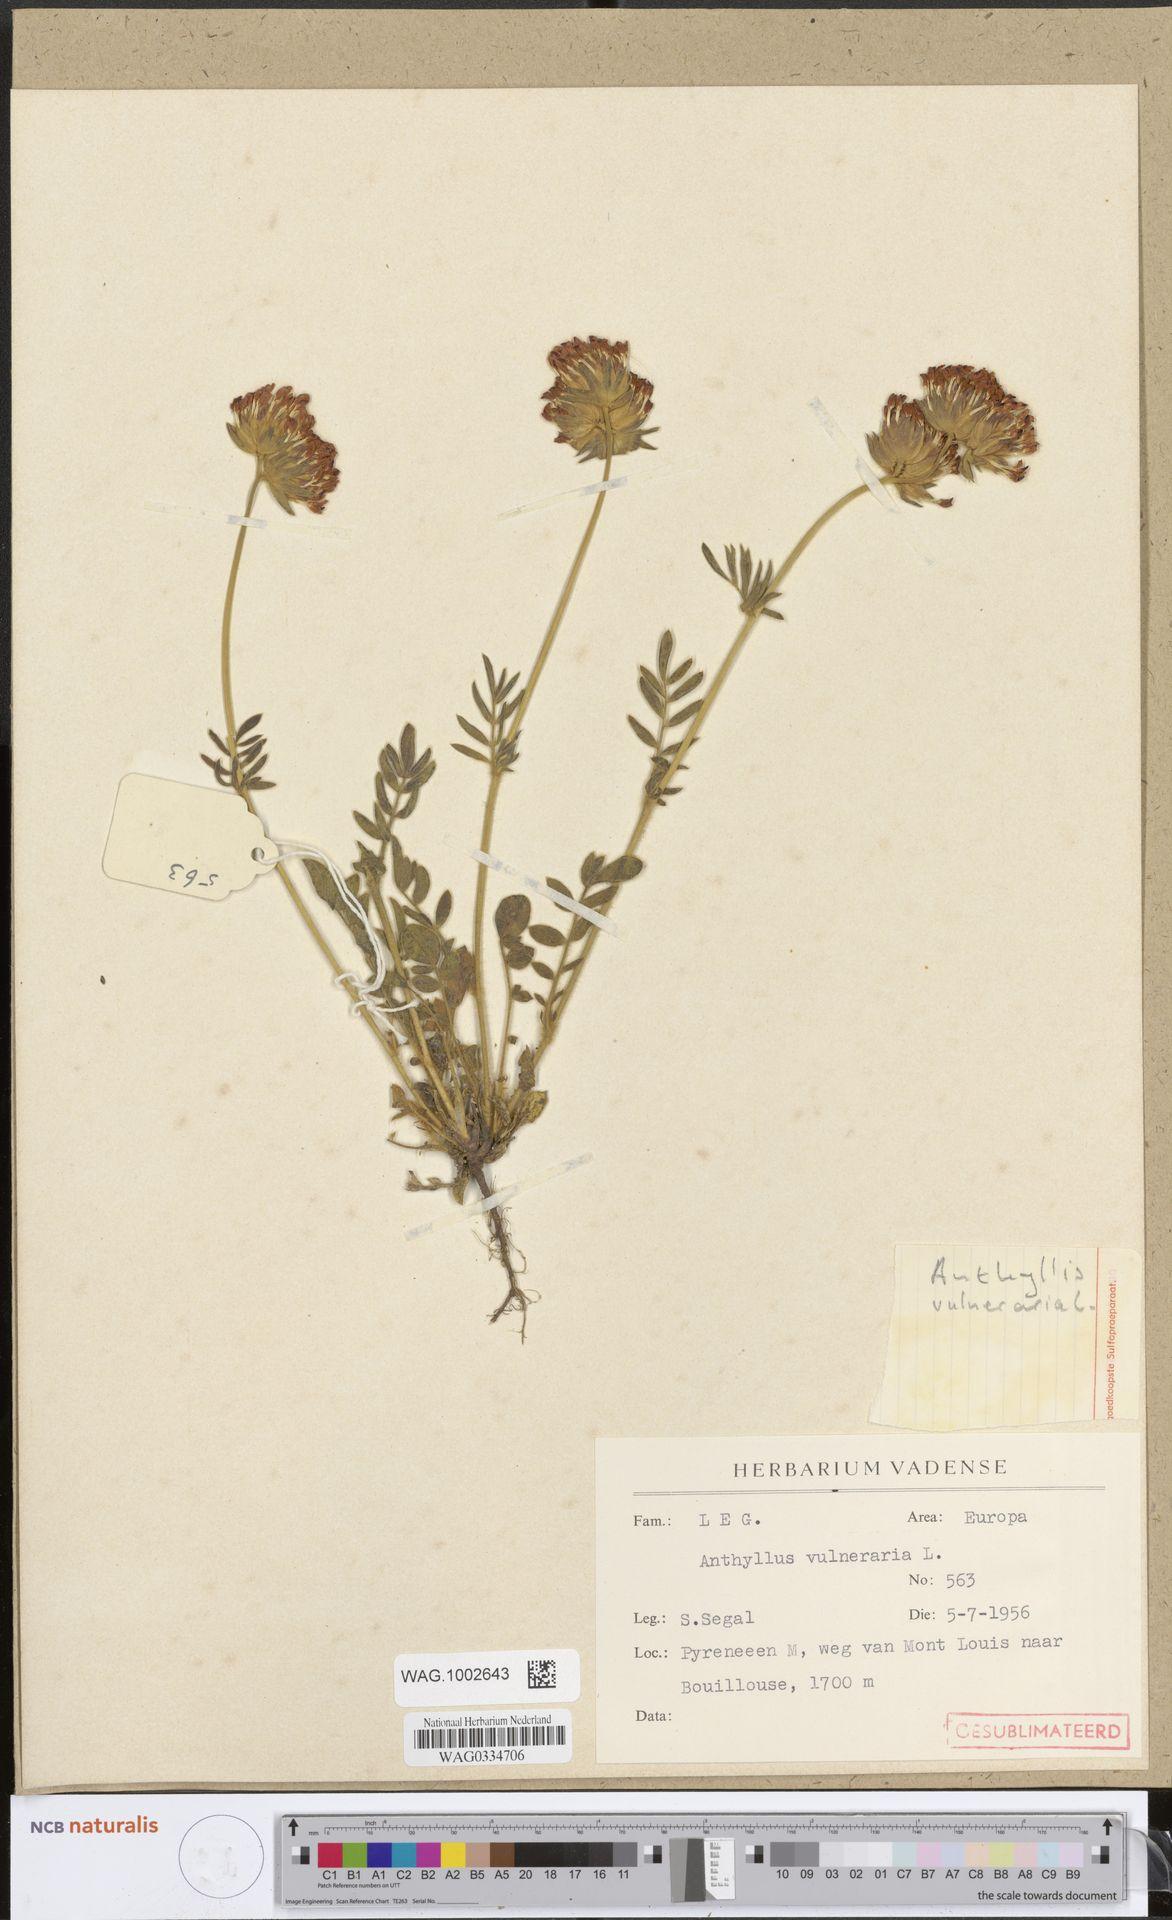 WAG.1002643   Anthyllis vulneraria L.